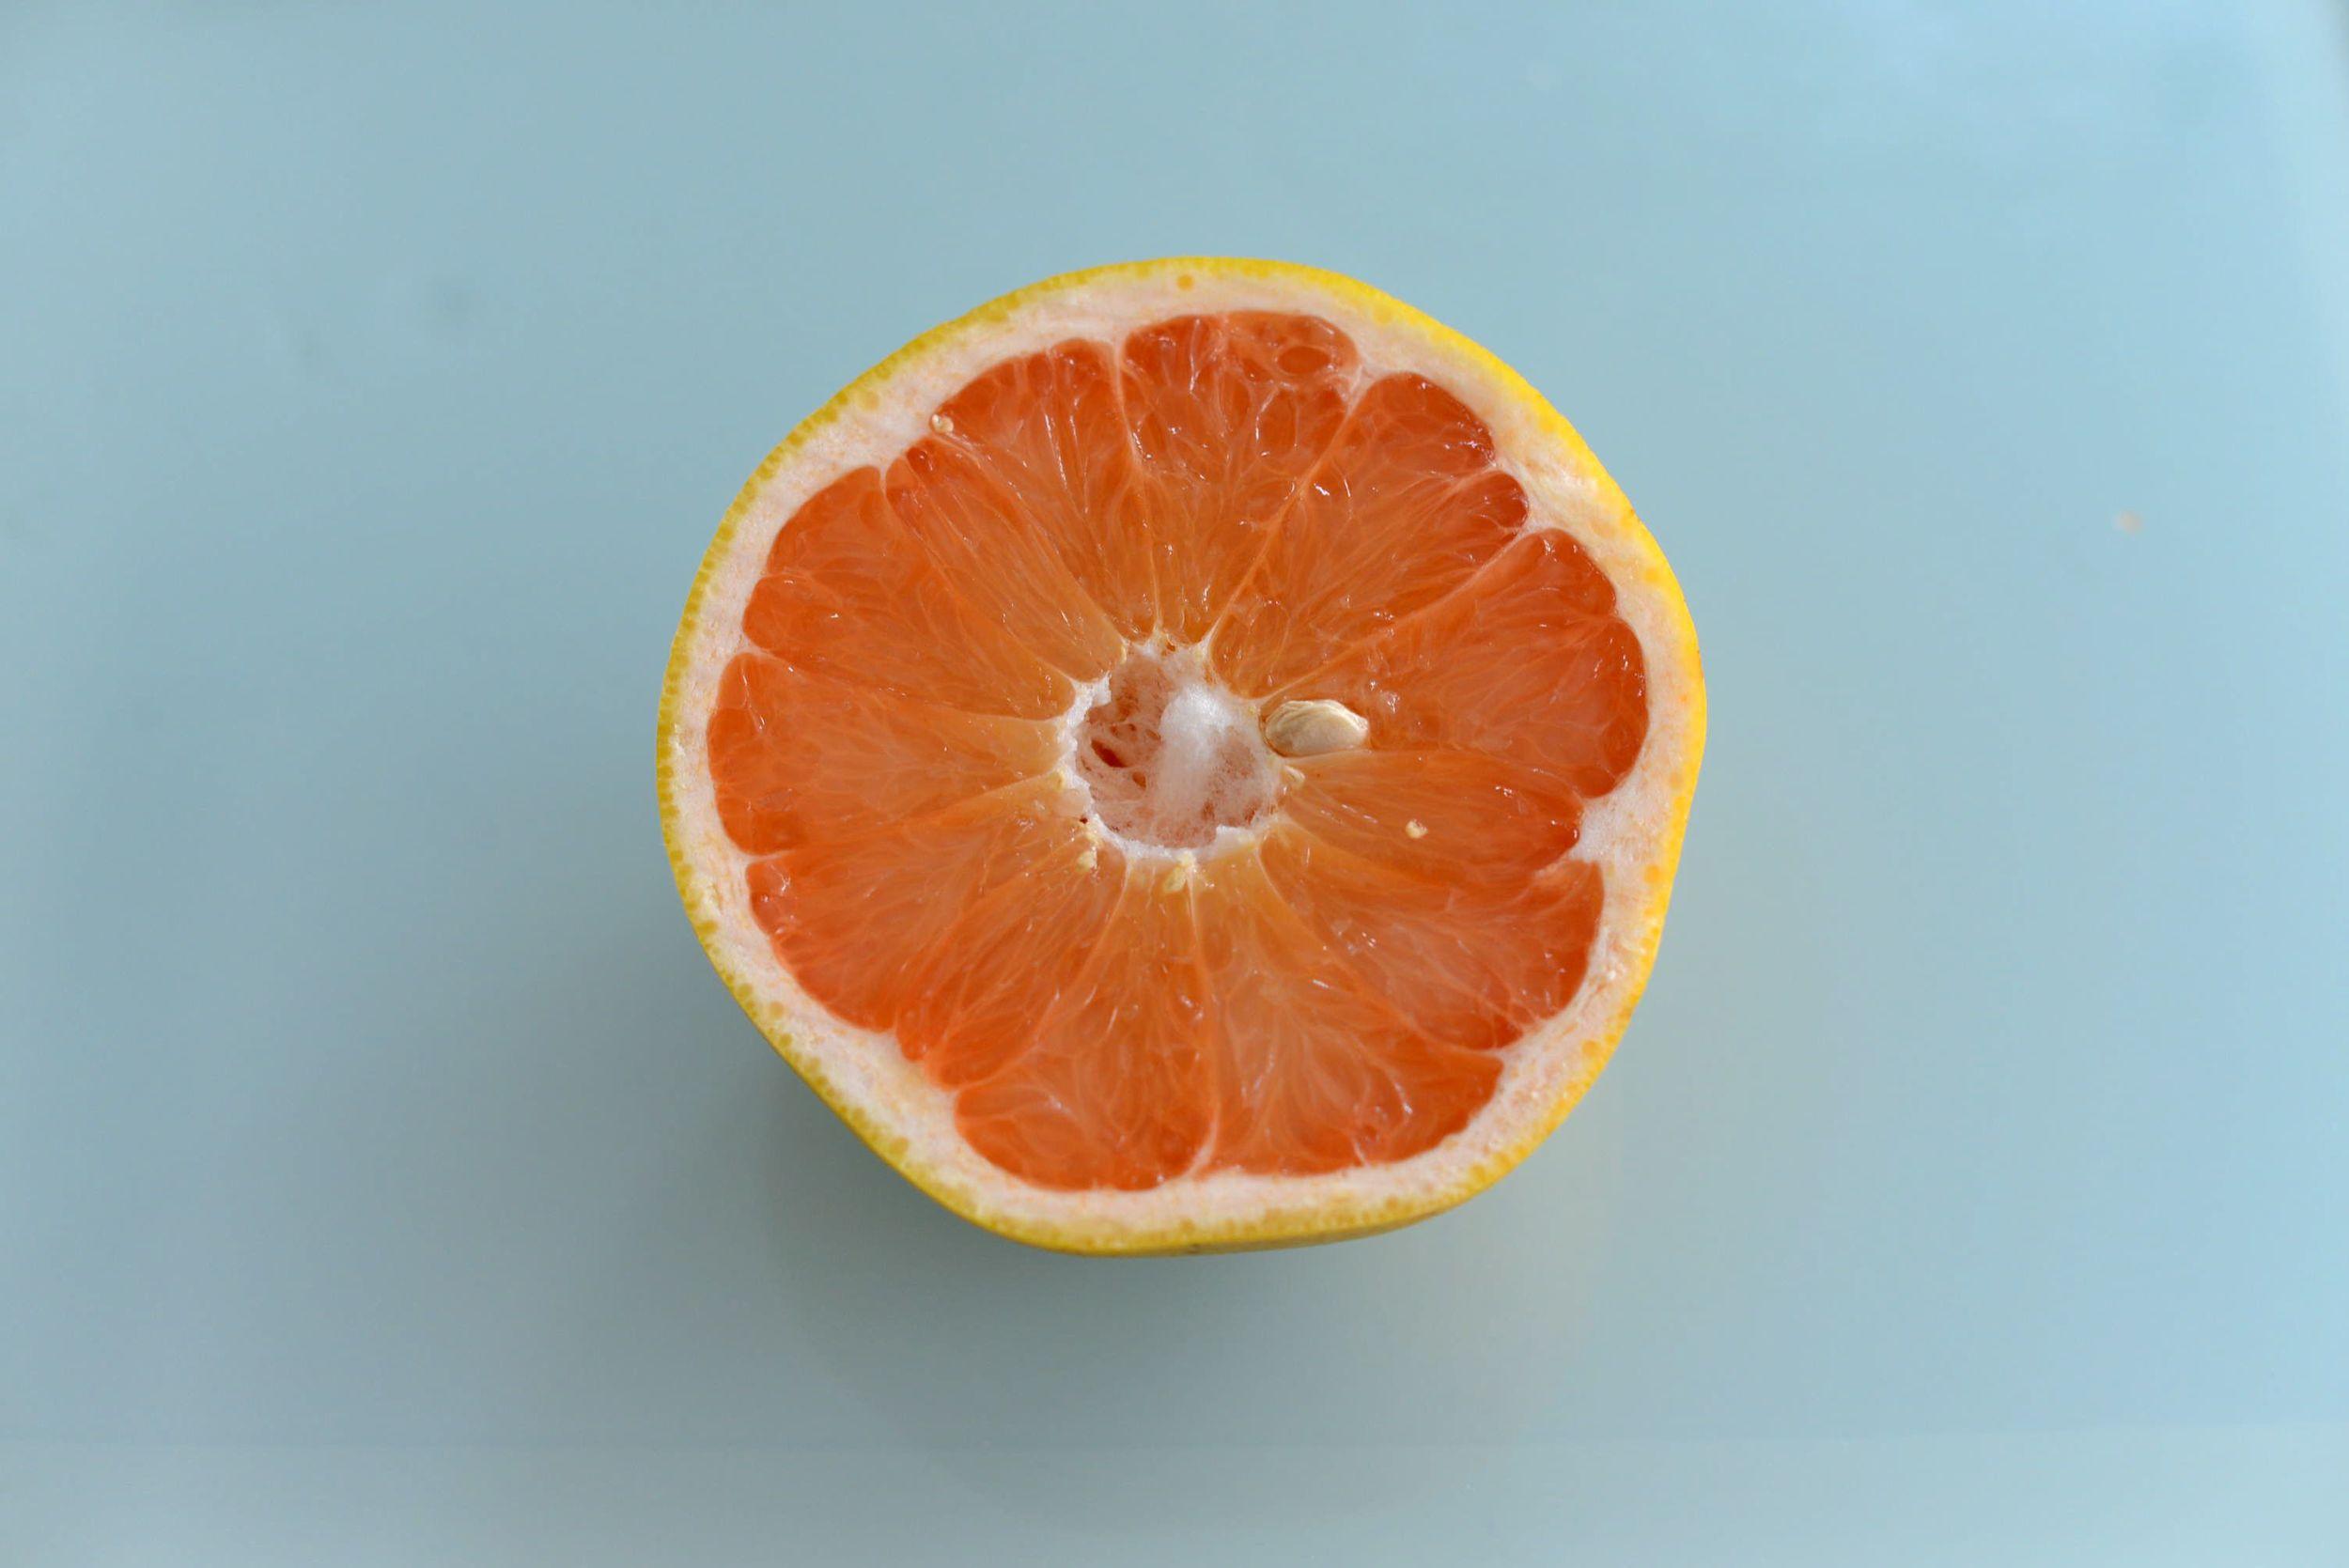 grapfruitsoda1.jpg